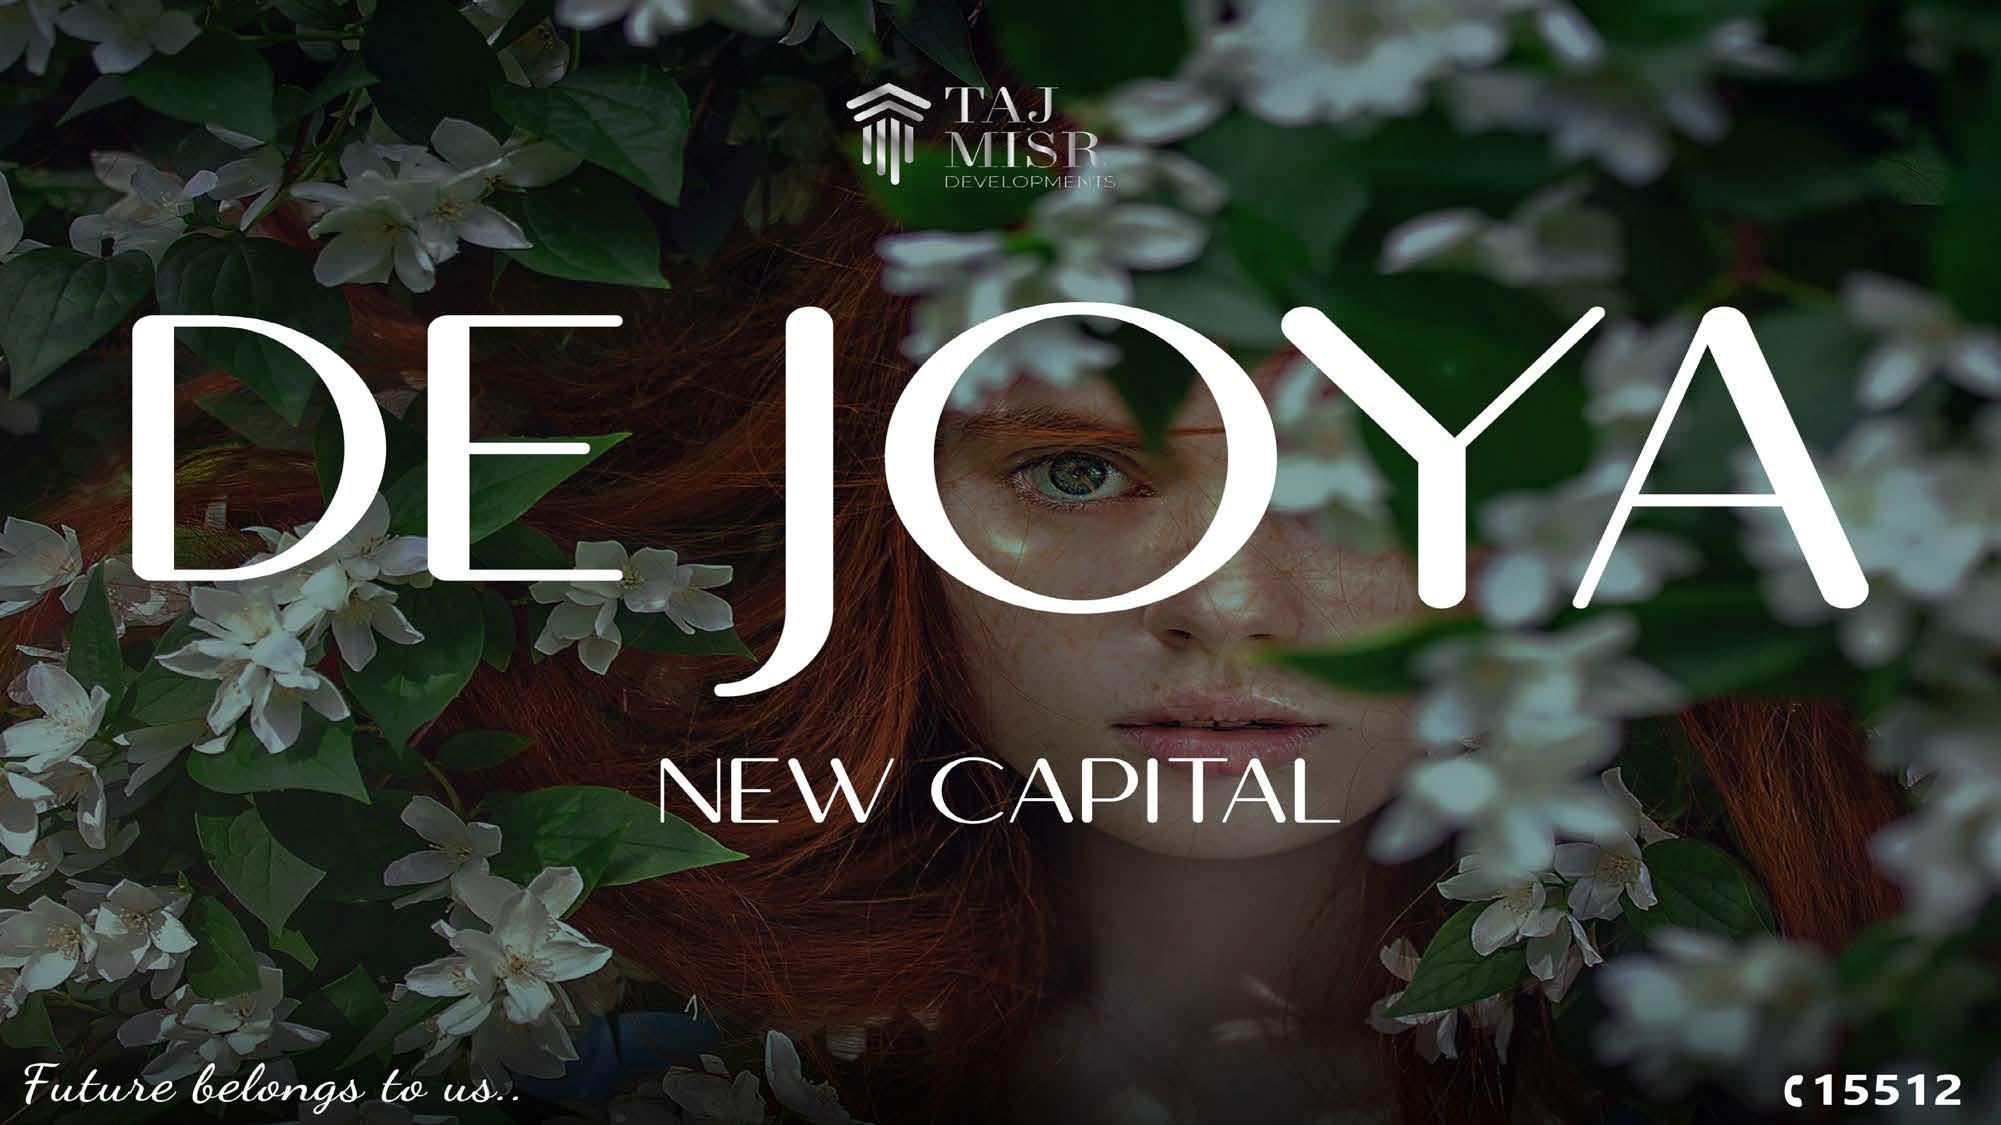 شركة تاج مصر المطورة لمشروع De Joya New Capital